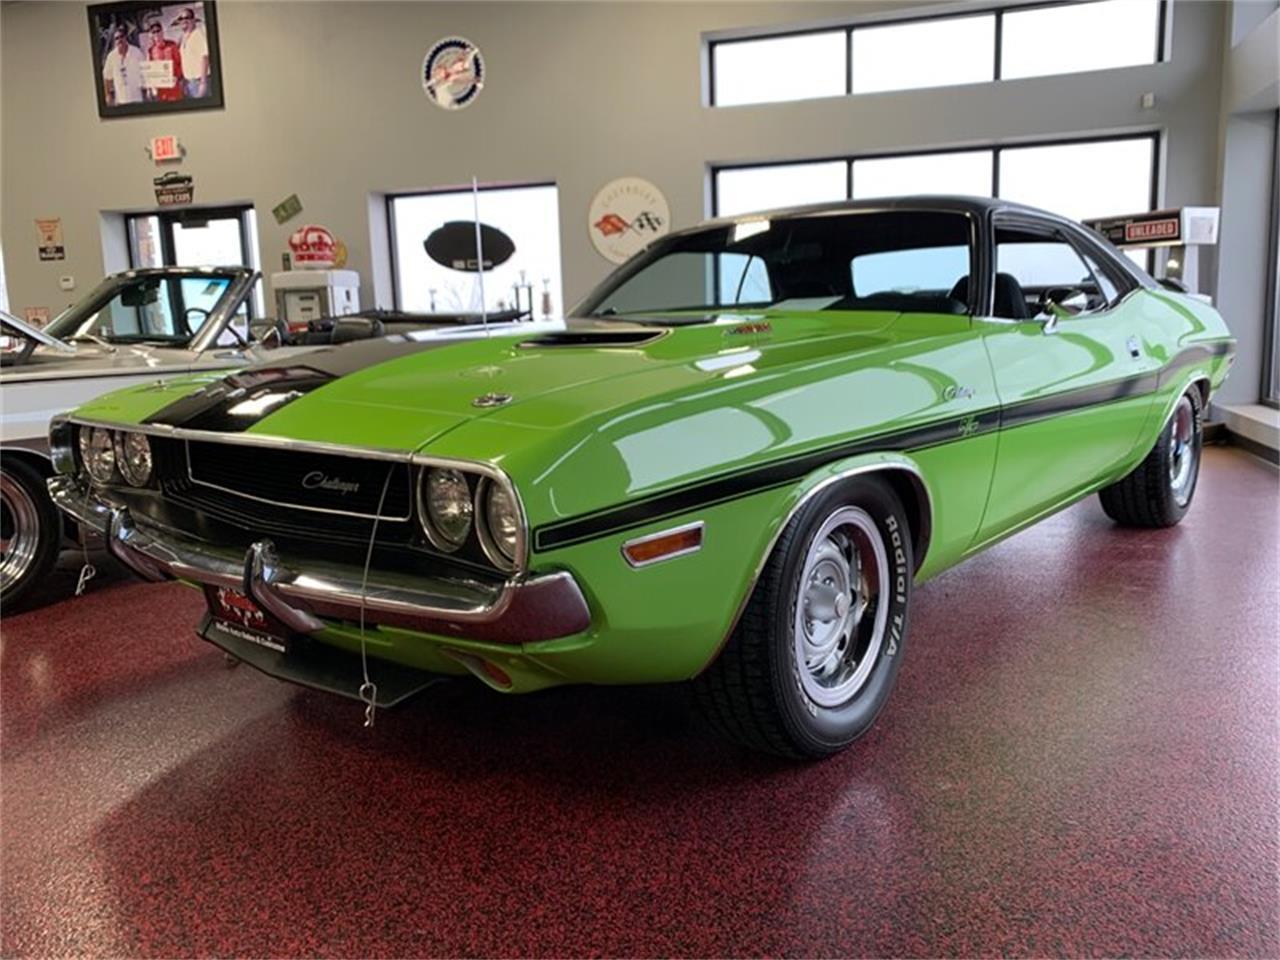 for sale 1970 dodge challenger r t in bismarck, north dakota cars - bismarck, nd at geebo